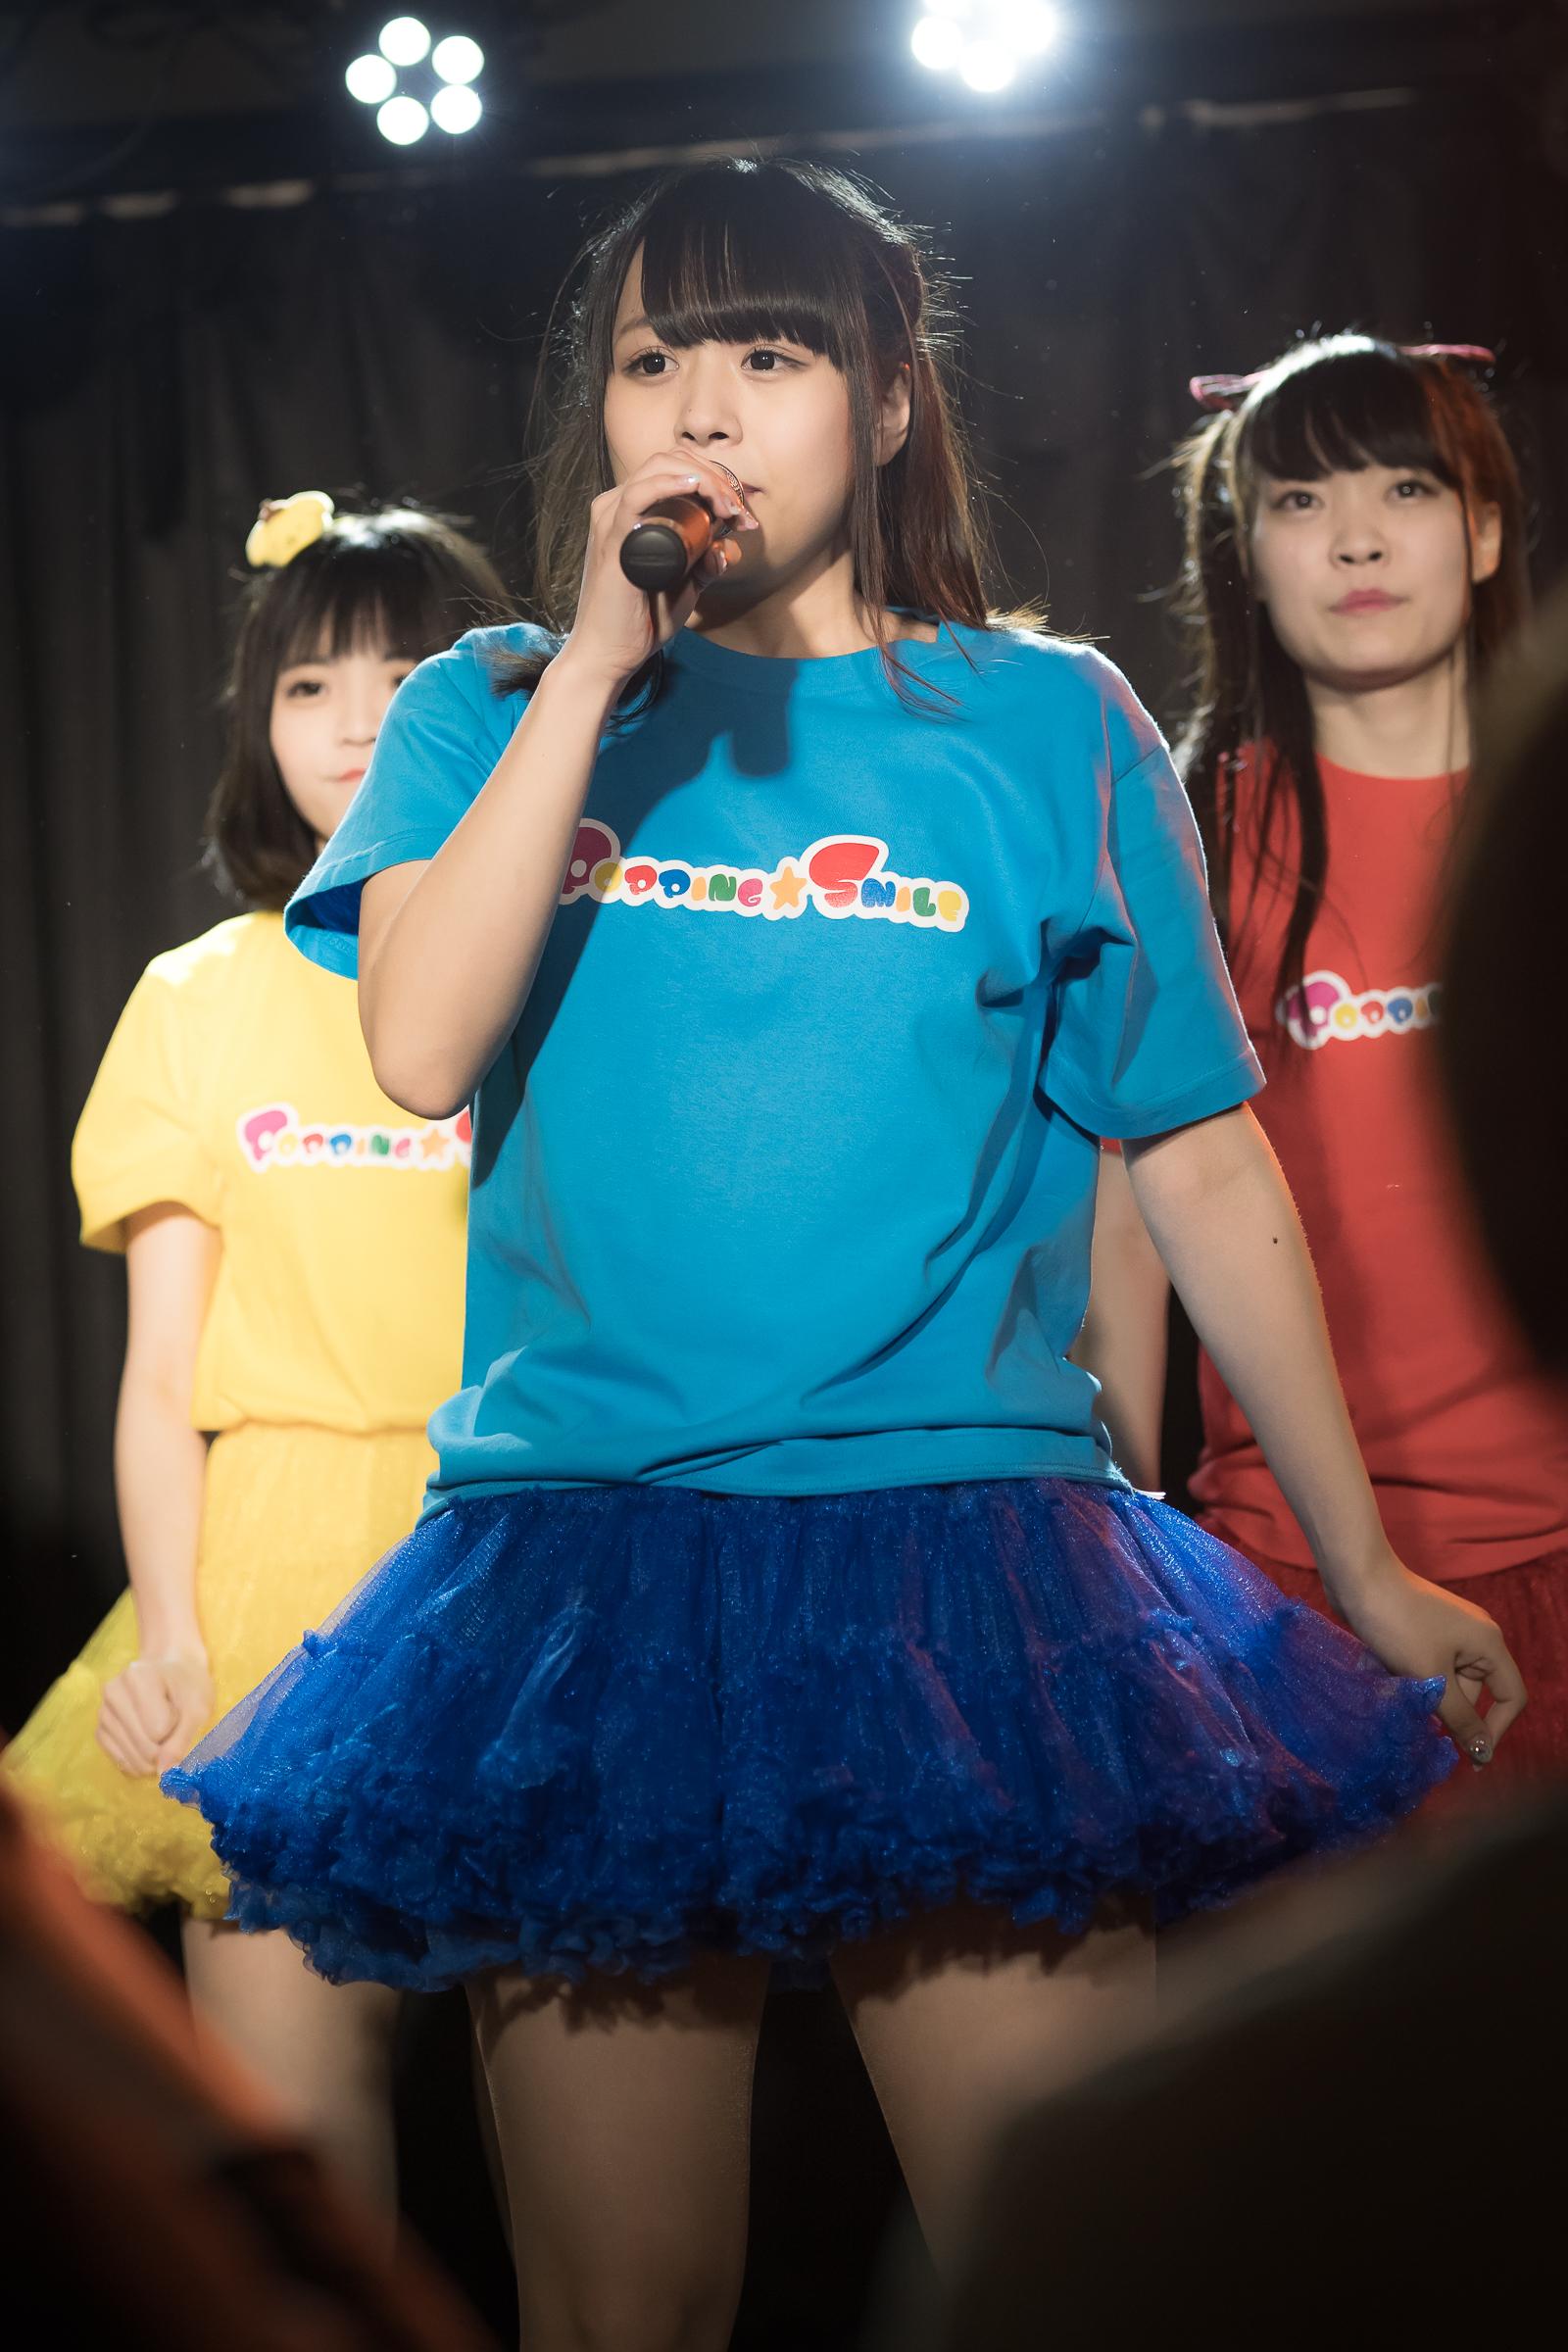 POPPING☆SMILE あいり ( 永山愛梨 ) | イベントお疲れ様でした!イベント